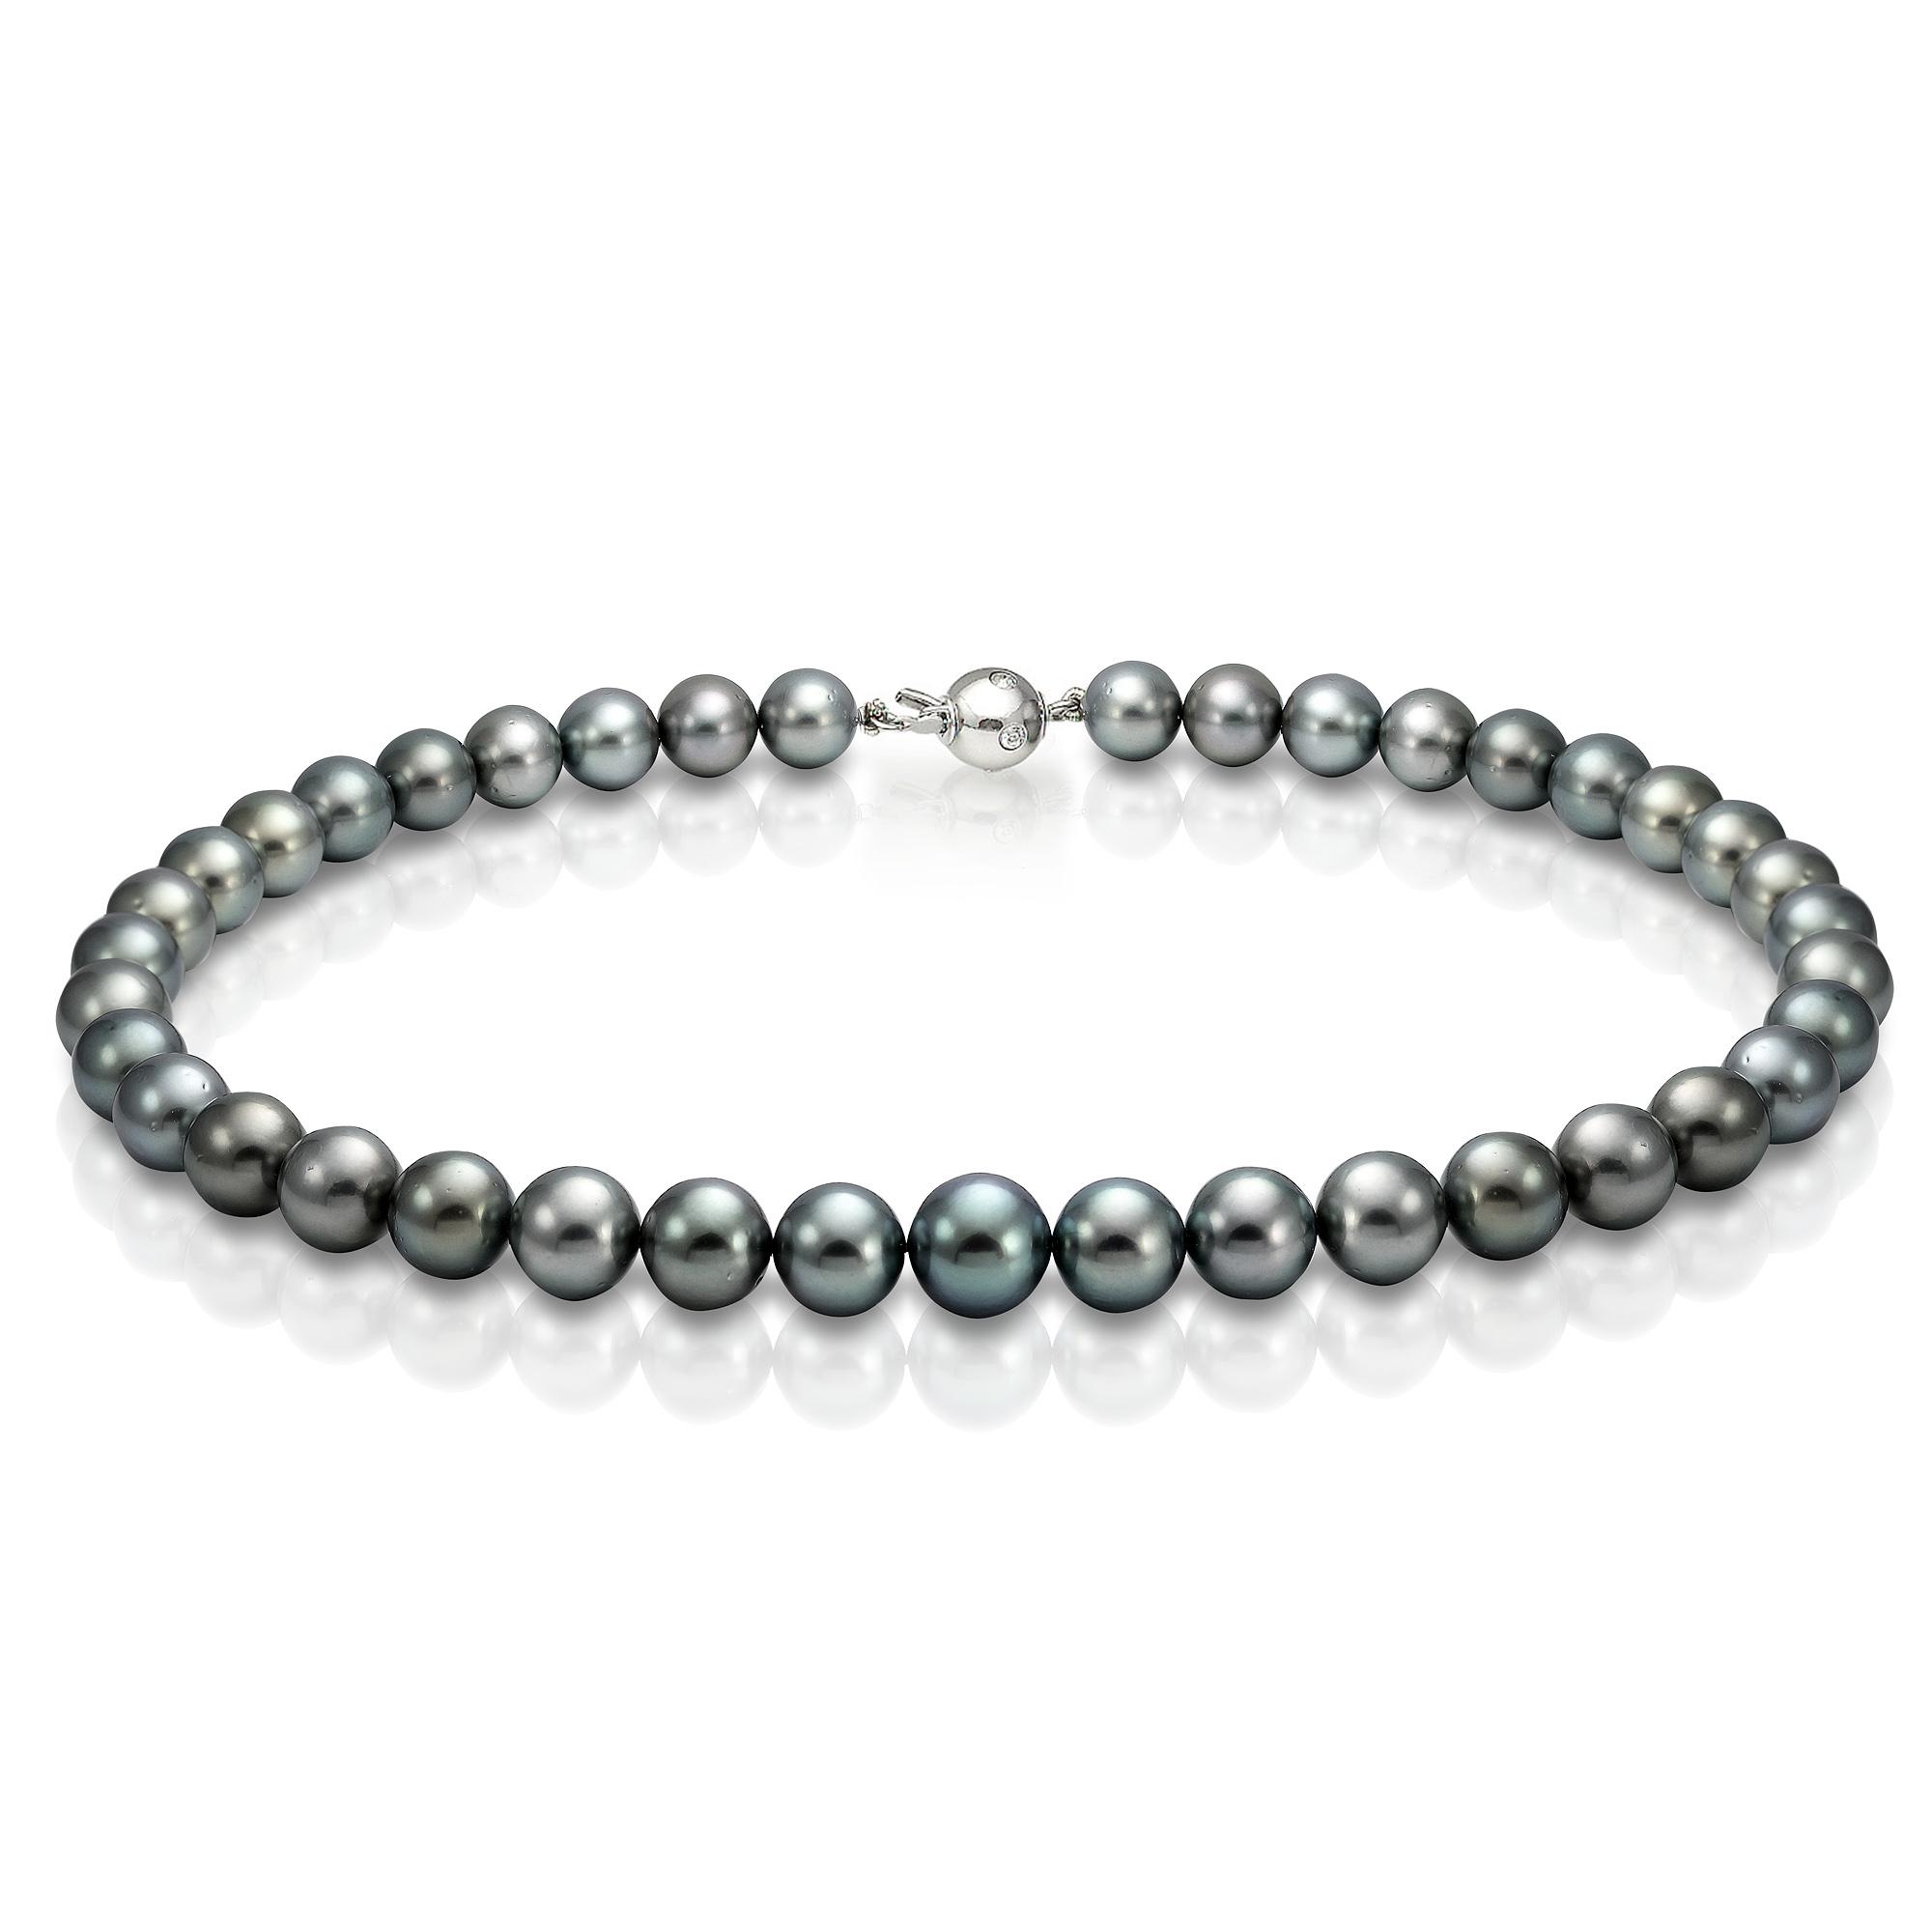 Ожерелье из черного морского Таитянского жемчуга 11-11,9 мм